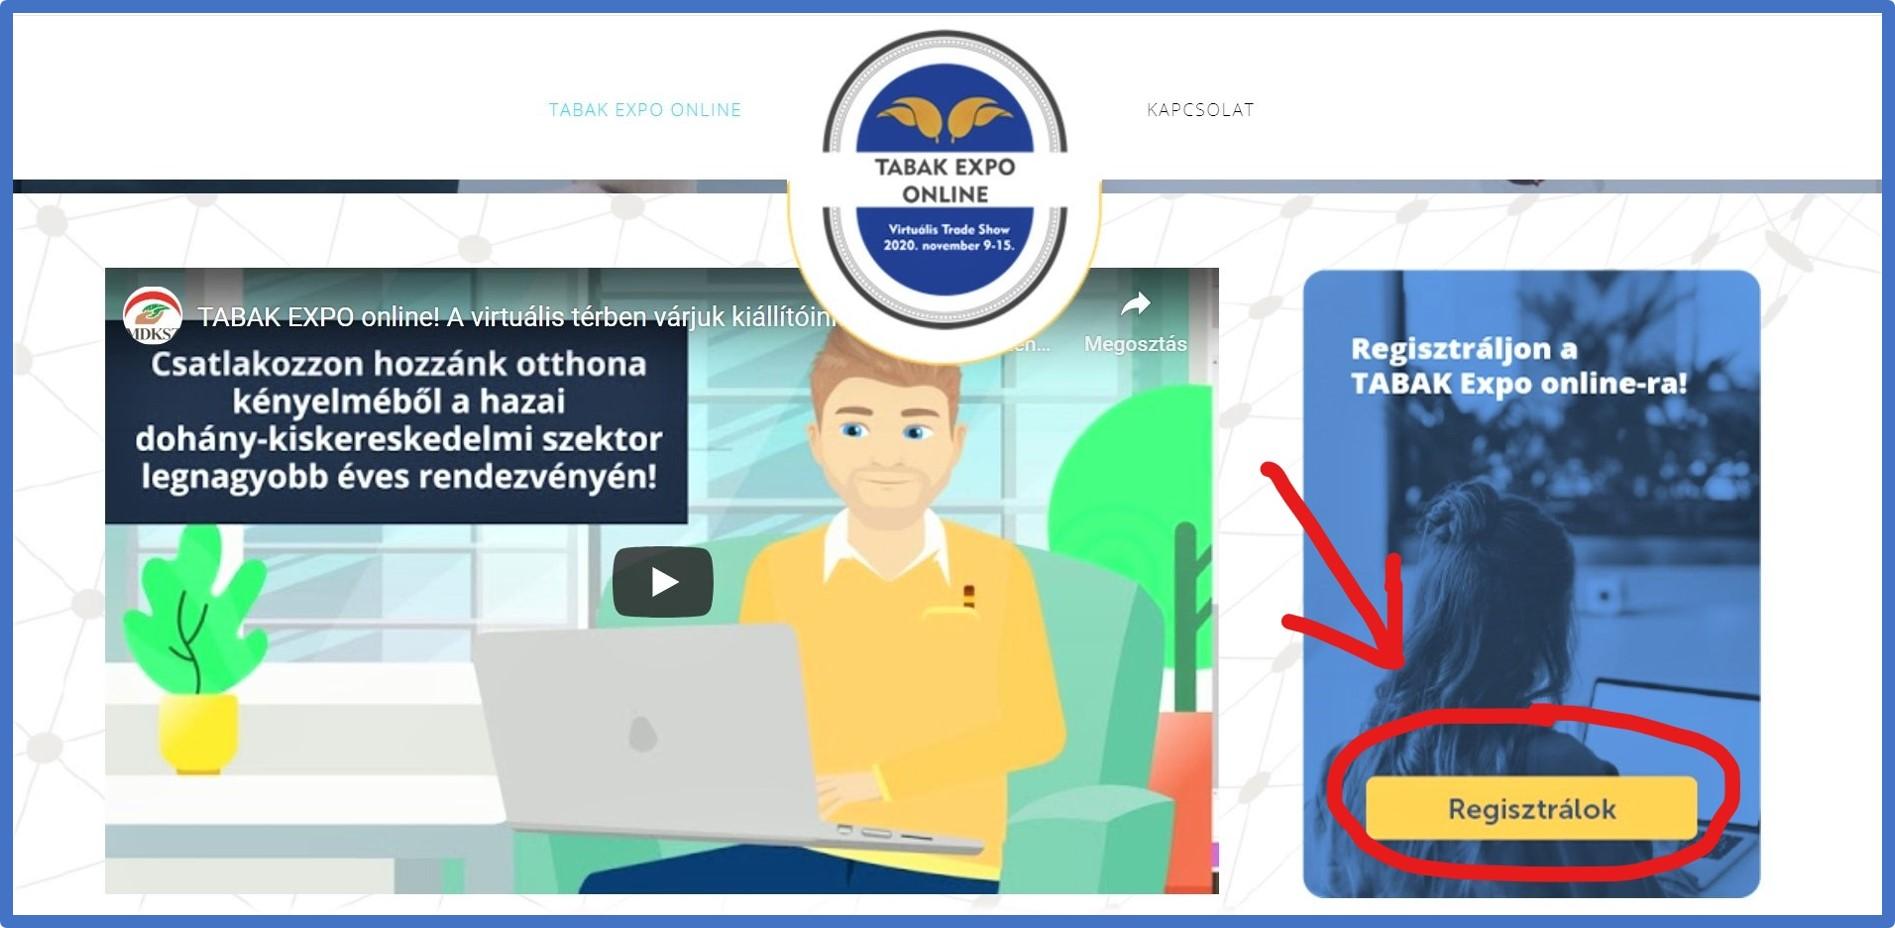 MÁR LEHET REGISZTRÁLNI! www.tabakexpo-online.hu